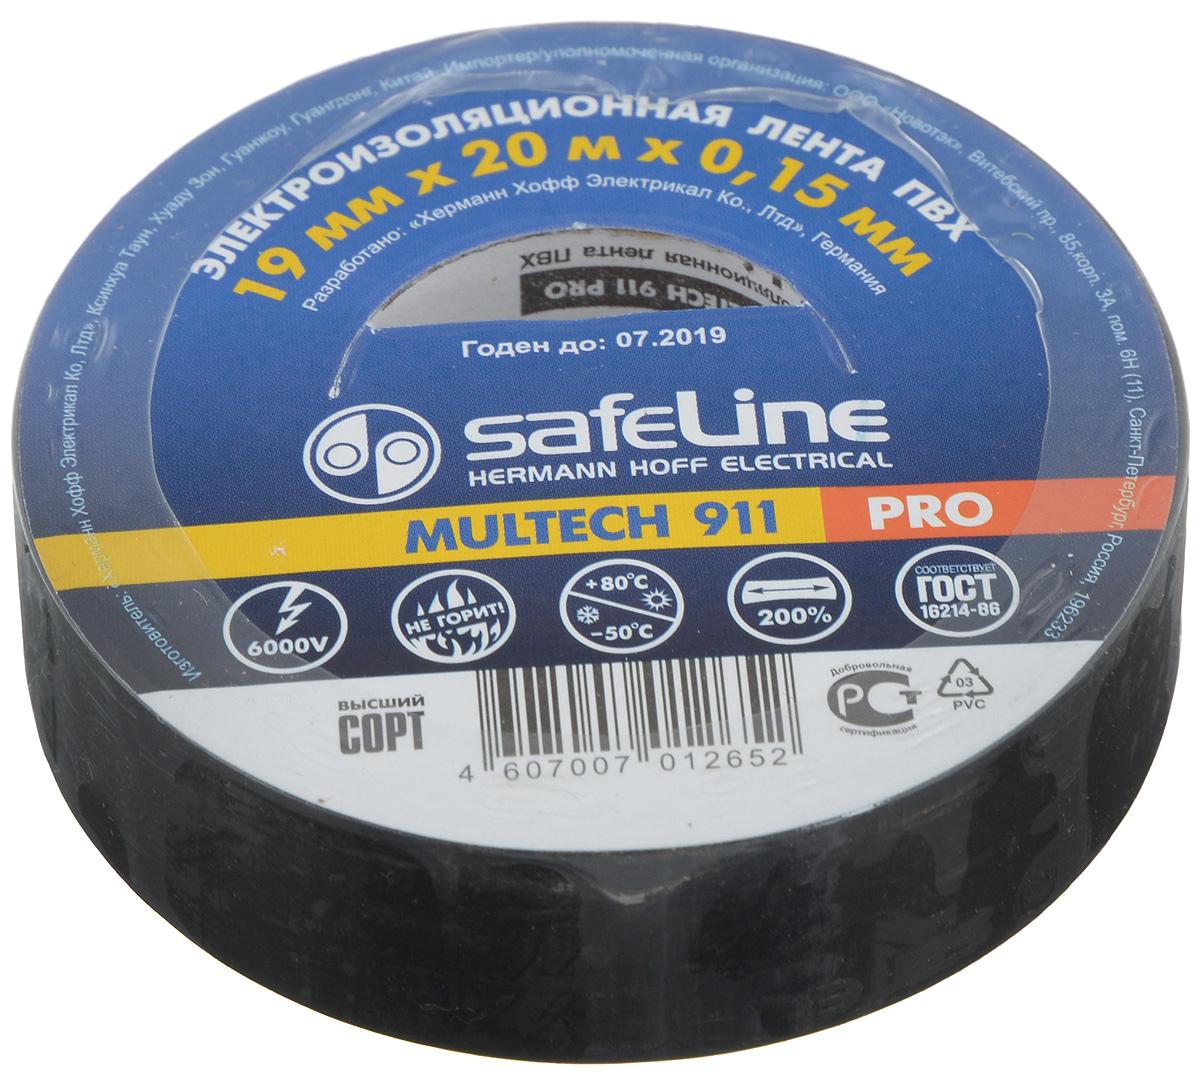 Лента изоляционная Safelin Pro, цвет: черный, ширина 1,9 см, длина 20 м00214-20.000.00Изоляционная лента Safelin Pro сделана из поливинилхлорида - материала, известного своей эластичностью и прочностью. Изолента применяется для изоляции проводов и проведения электромонтажных работ, отлично подходит для маркировки проводов и служит средством для починки бытовых электроприборов.Safelin Pro обладает рядом преимуществ:- напряжение пробоя 6000V,- не горит,- выдерживает температуру от -50°С до +80°С.